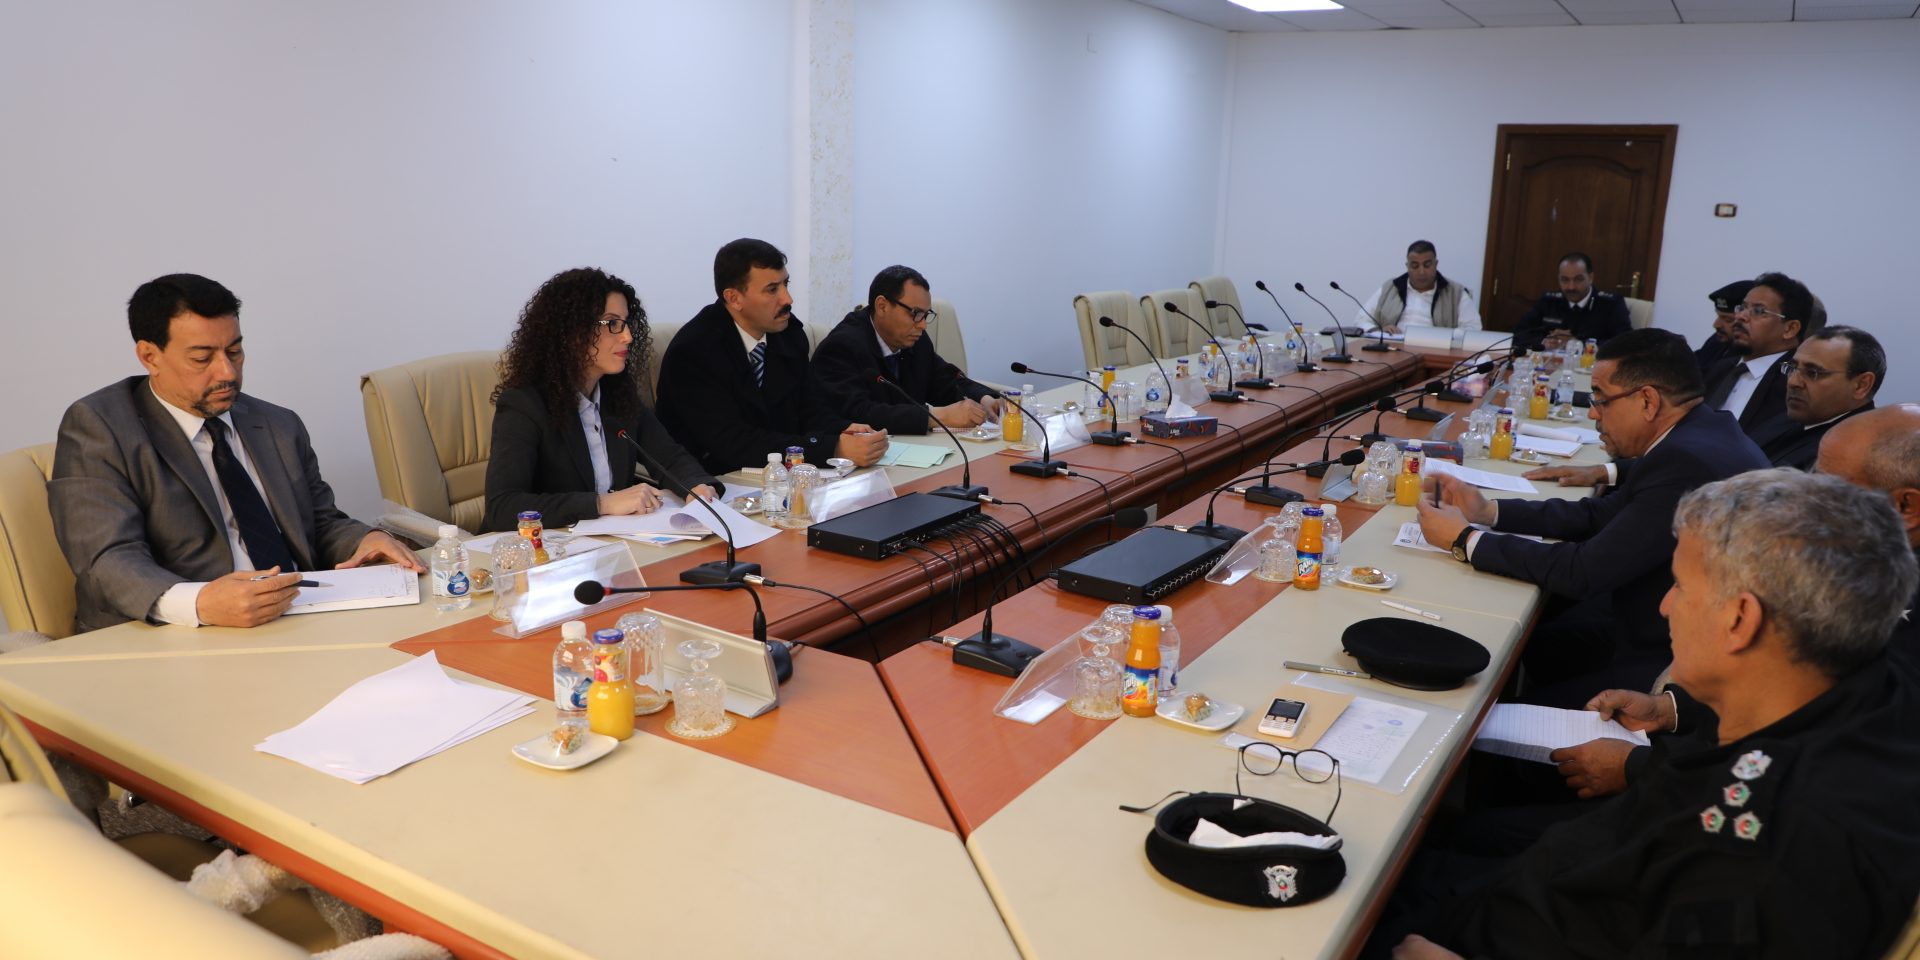 اجتماع وفد من وزراة العدل لتقييم احتياجات التدريب الخاصة بمدراء السجون في ليبيا